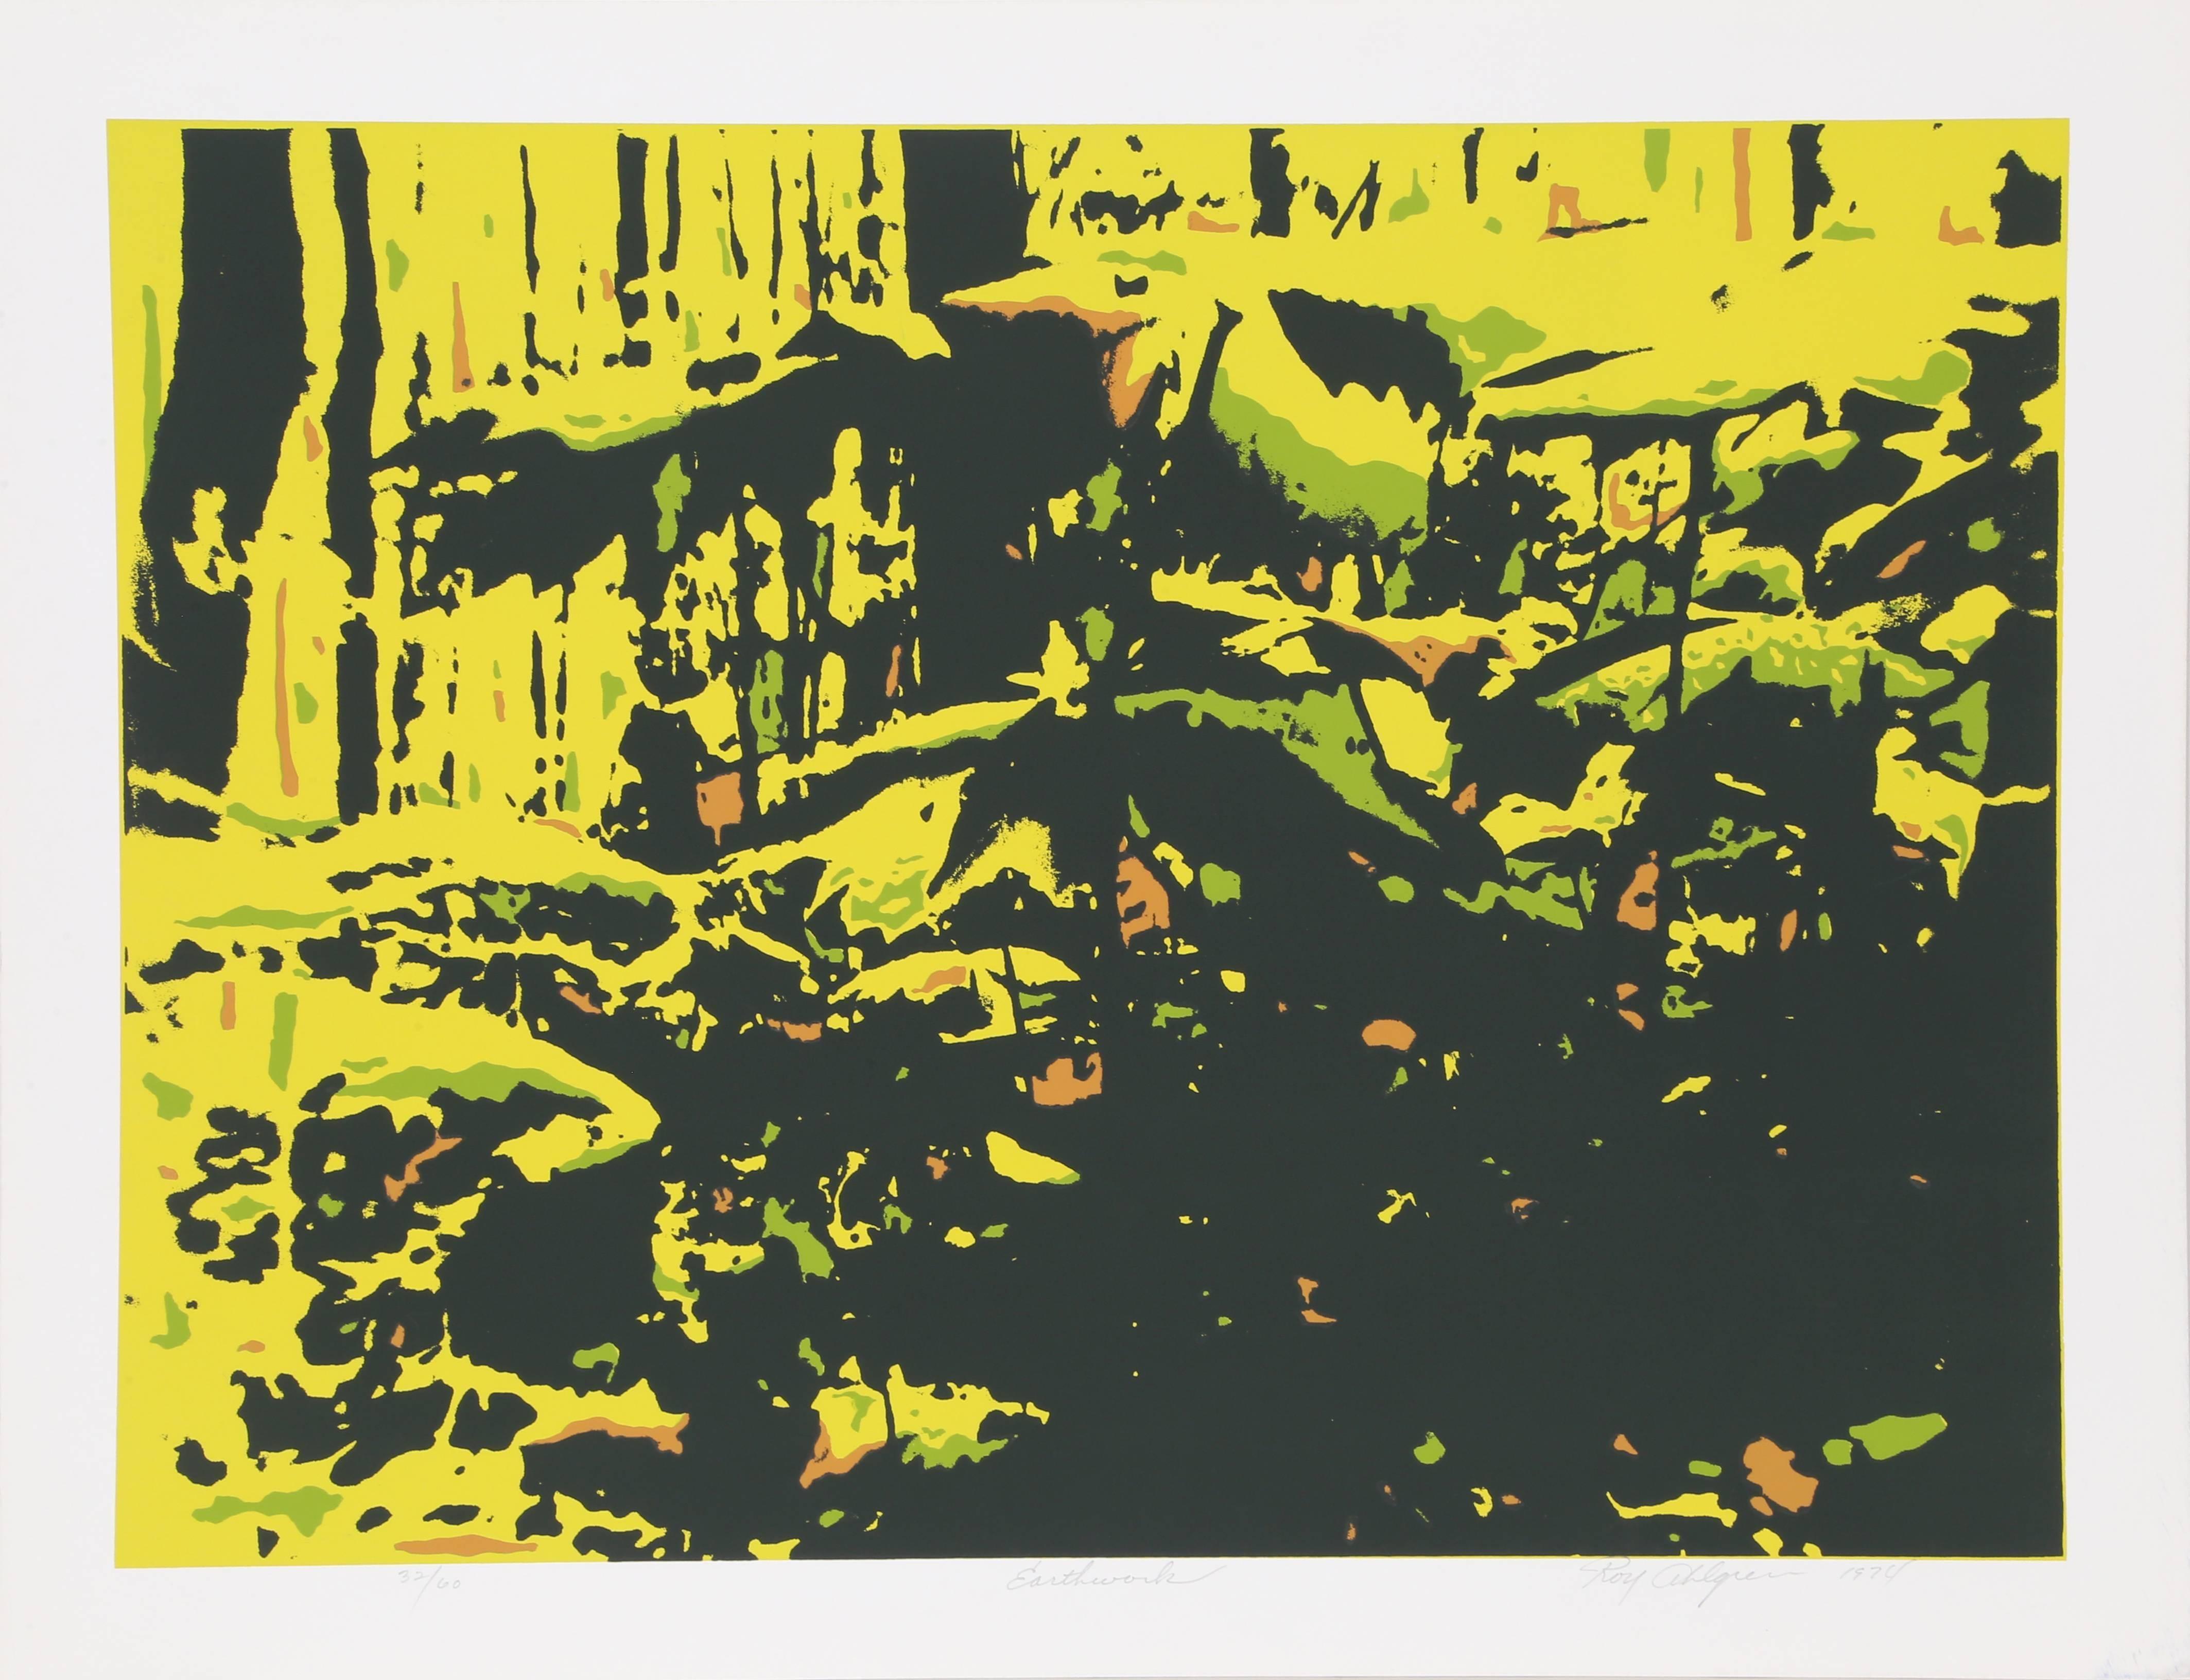 Earthwork, Serigraph by Roy Ahlgren